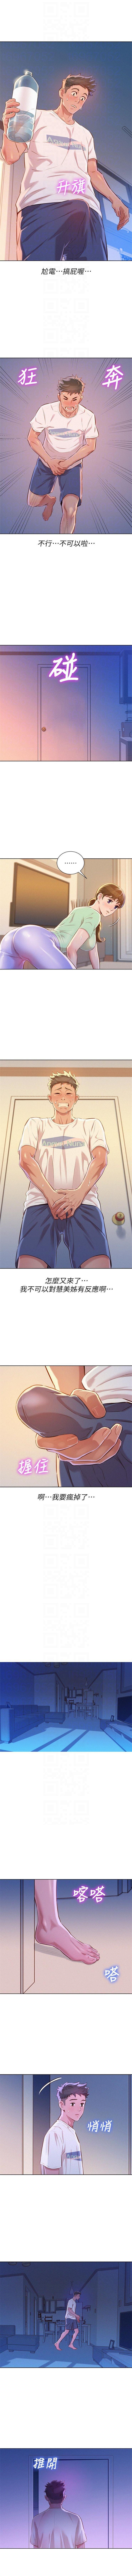 (周7)漂亮干姐姐  1-79 中文翻译 (更新中) 350